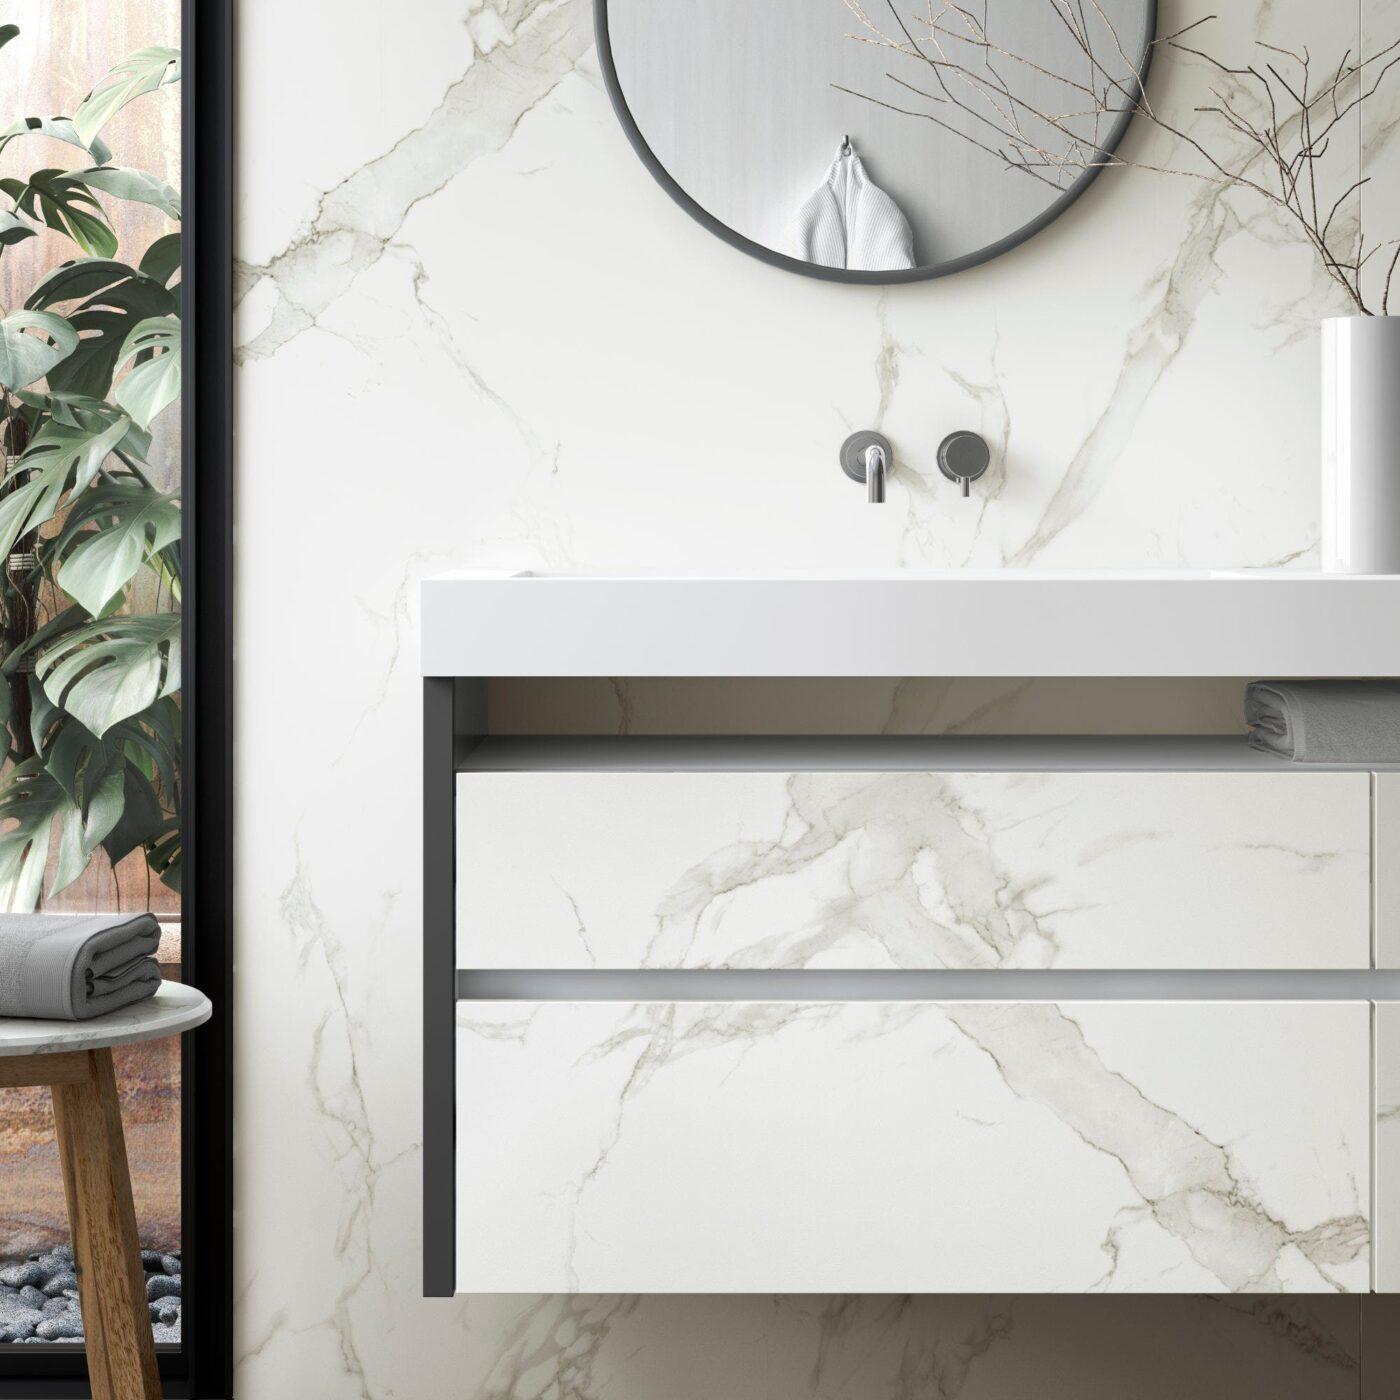 Image of Dekton Bathroom Aura 15 Detalle in Cinque straordinarie idee di design per stanze da bagno in bianco e grigio - Cosentino